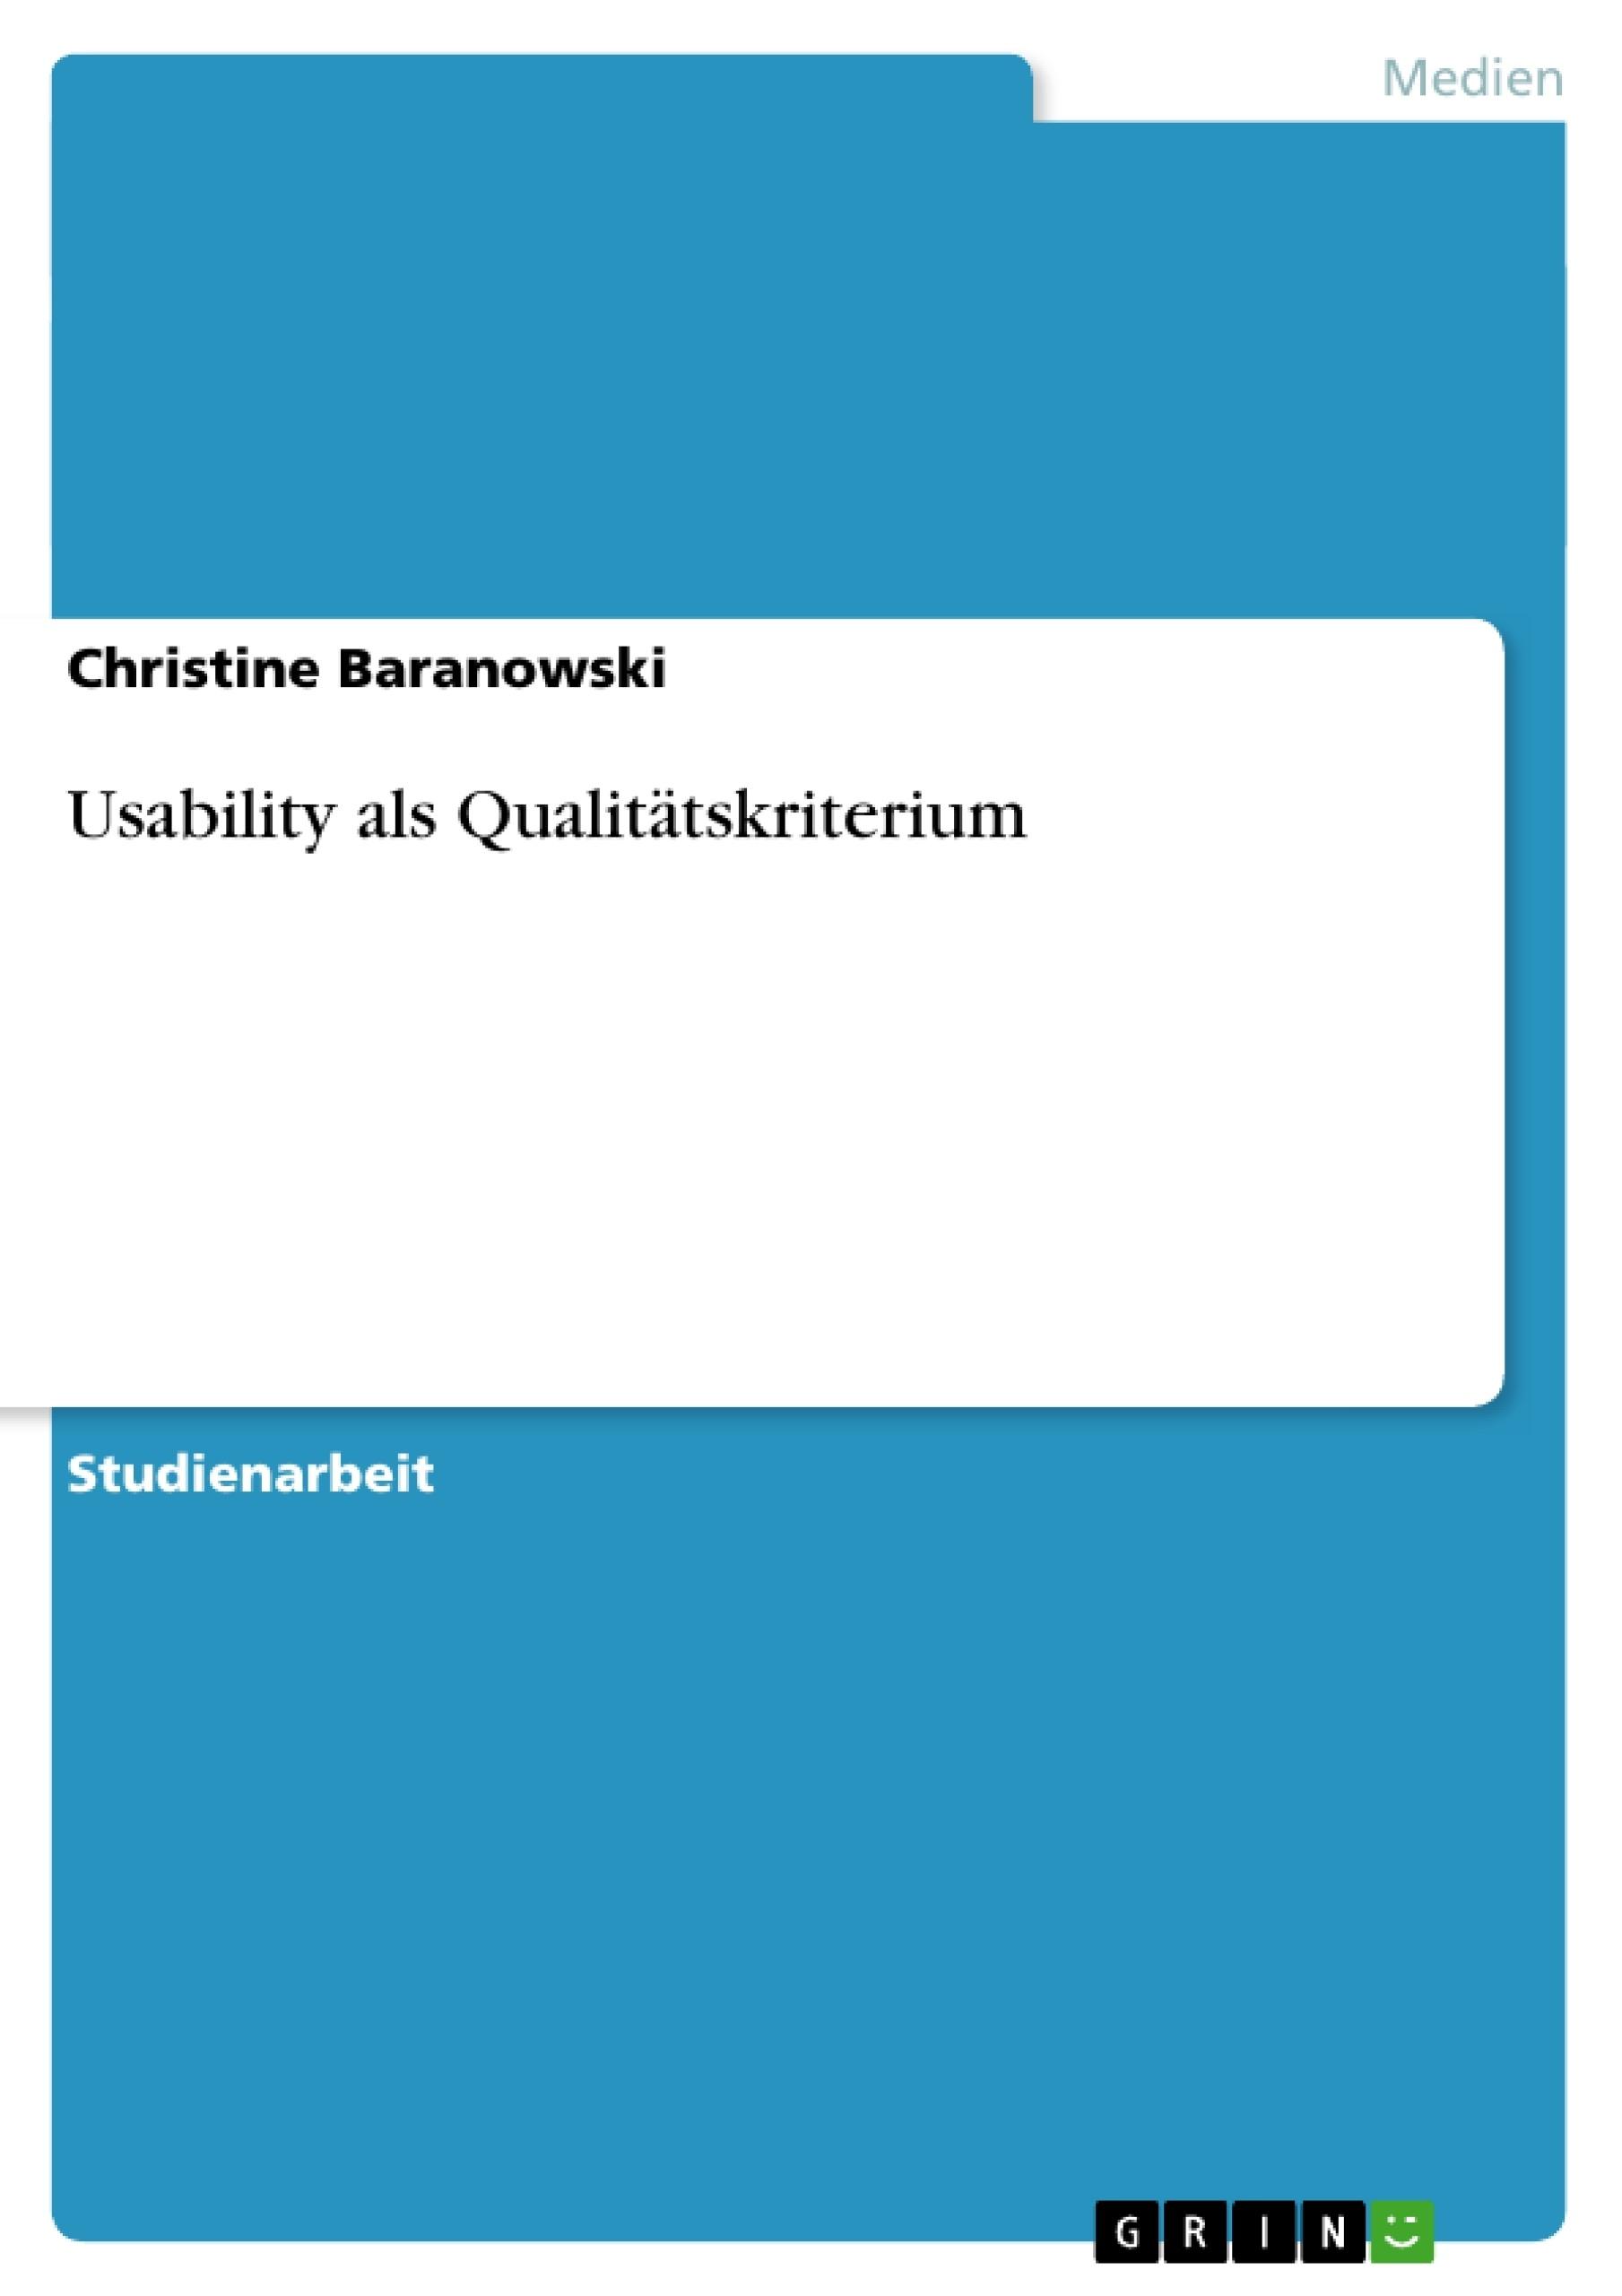 Titel: Usability als Qualitätskriterium